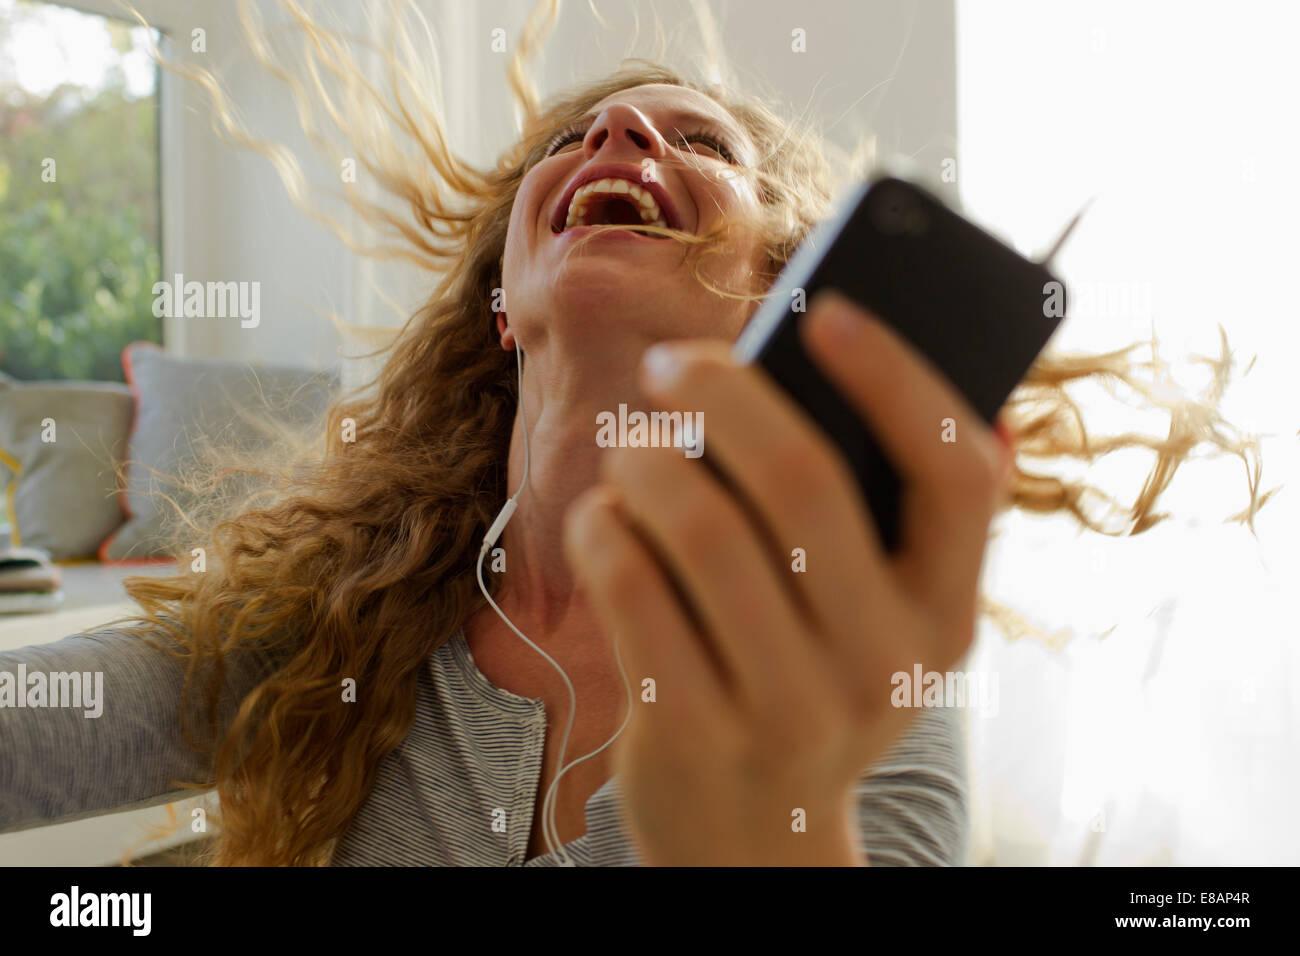 Femme dansant à la musique sur smartphone Photo Stock